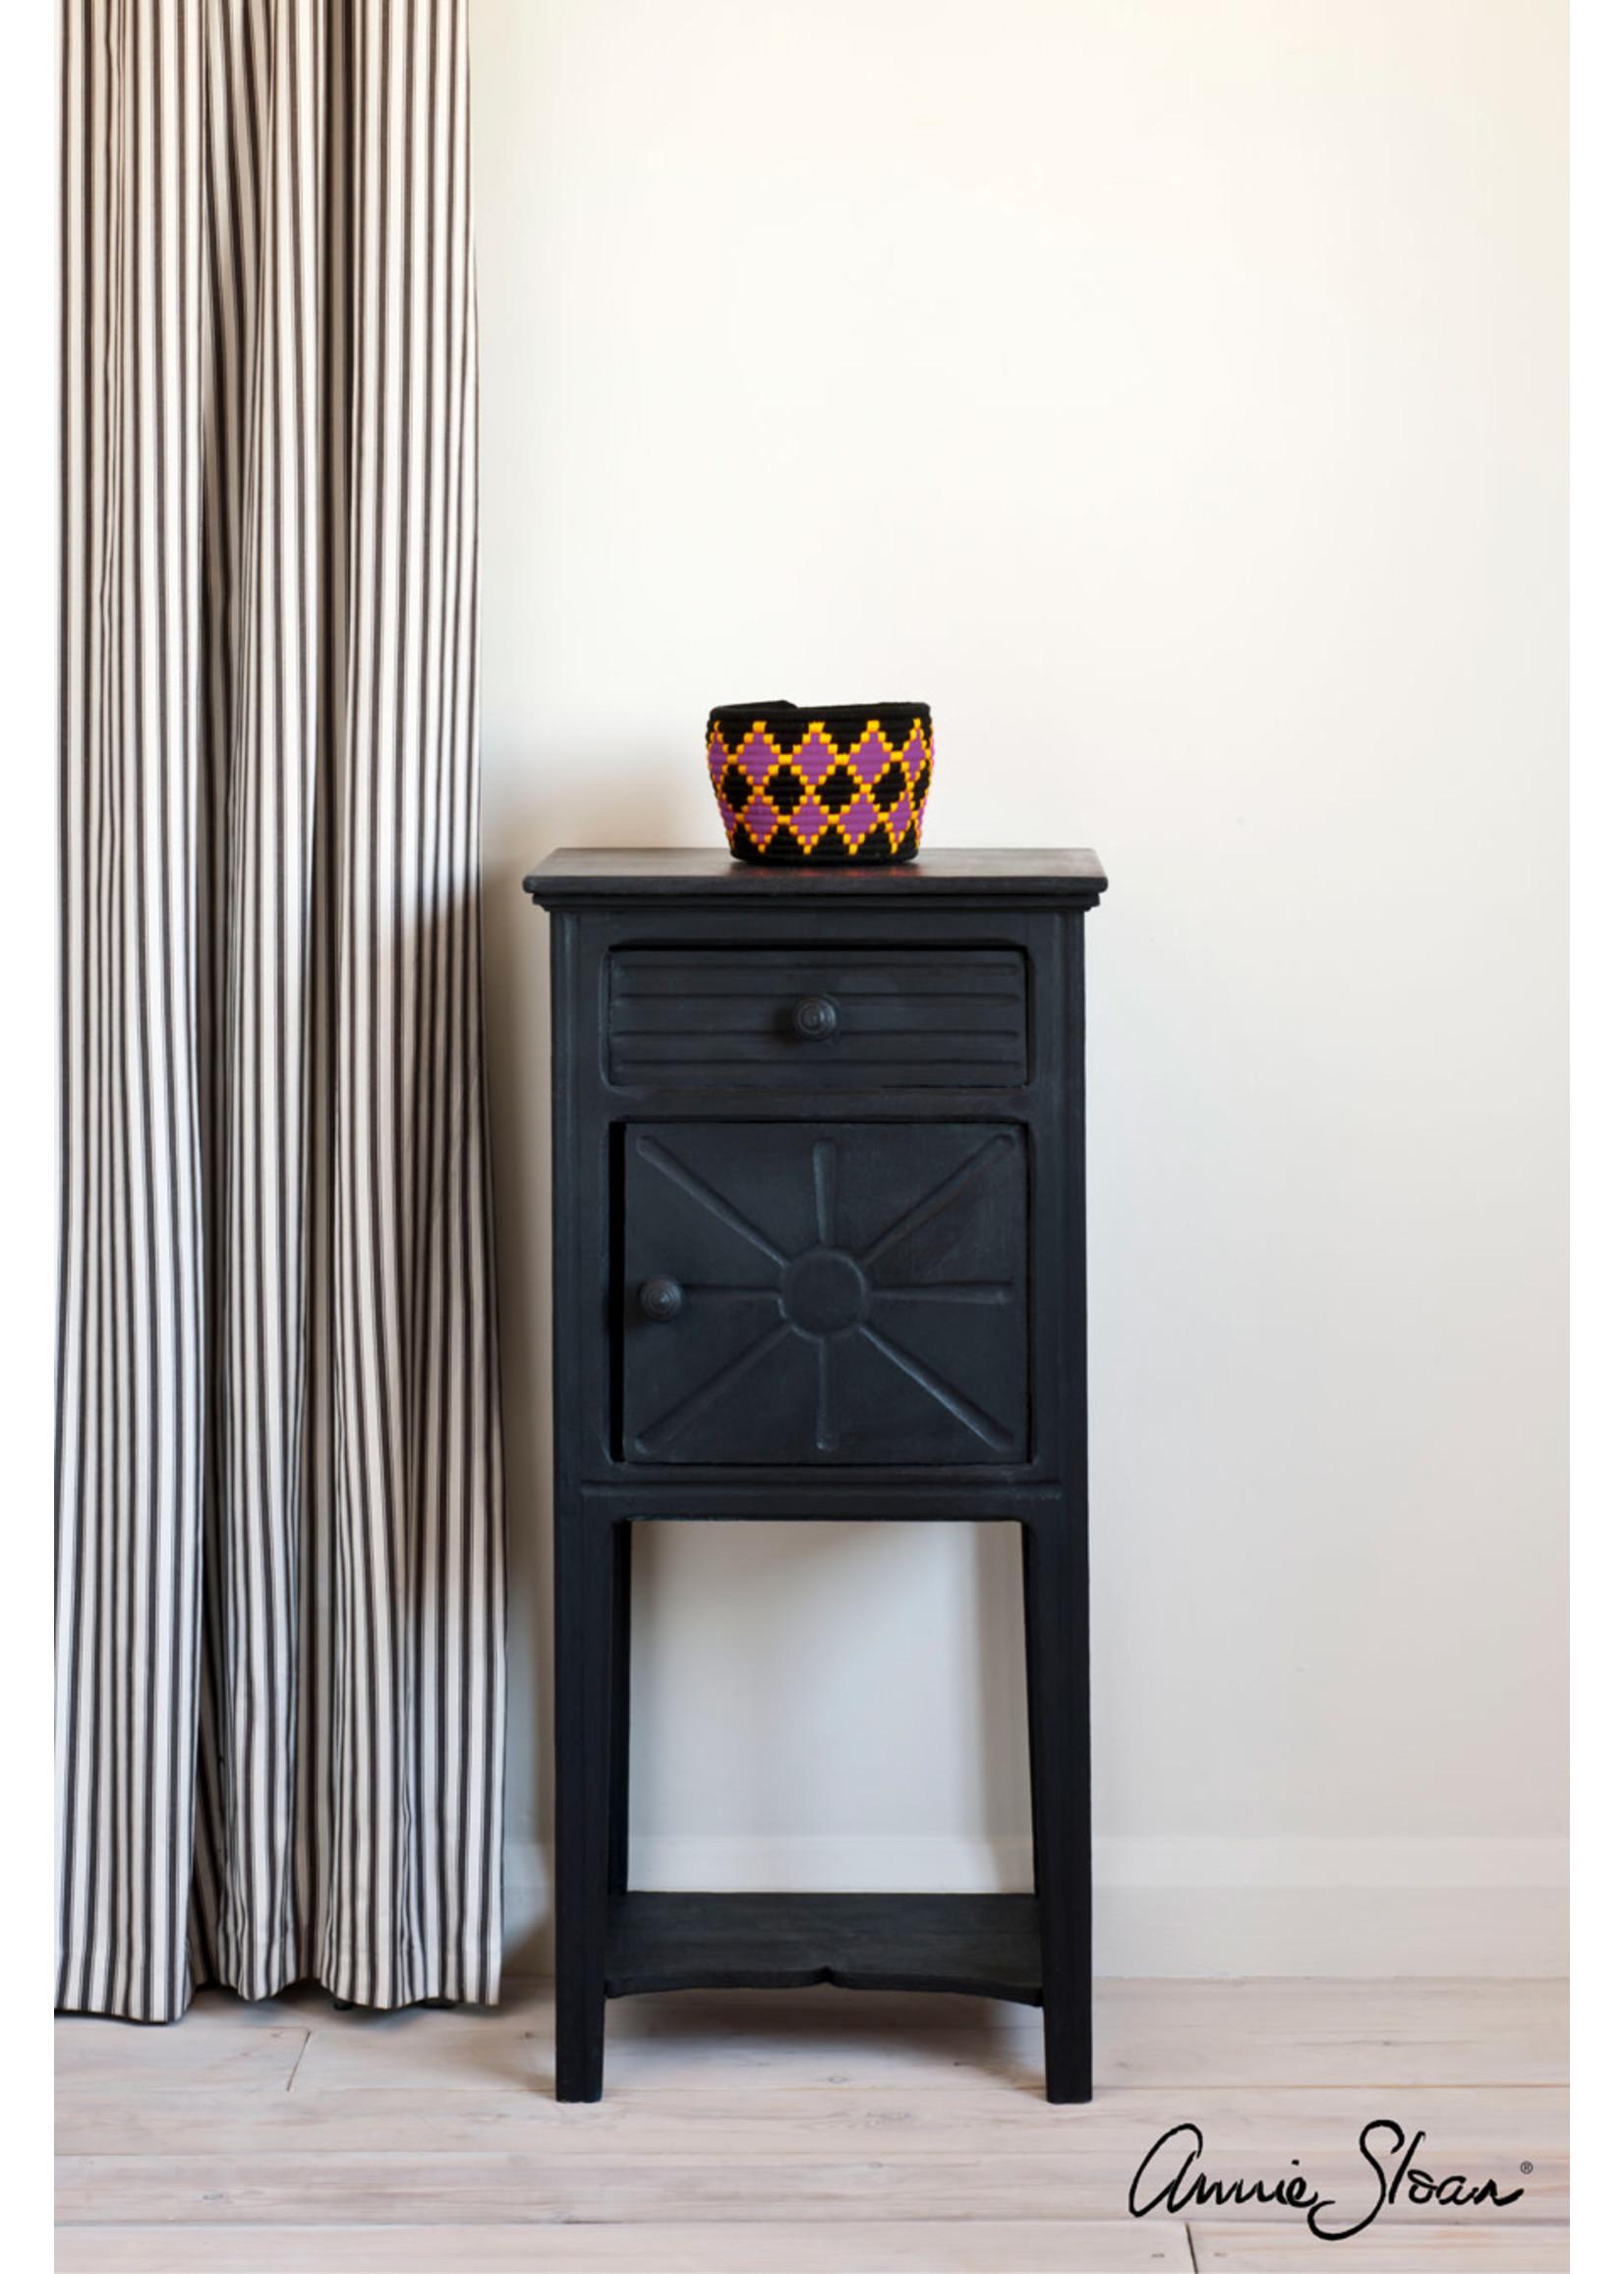 Annie Sloan Chalk Paint® Athenian Black Annie Sloan Chalk Paint ®